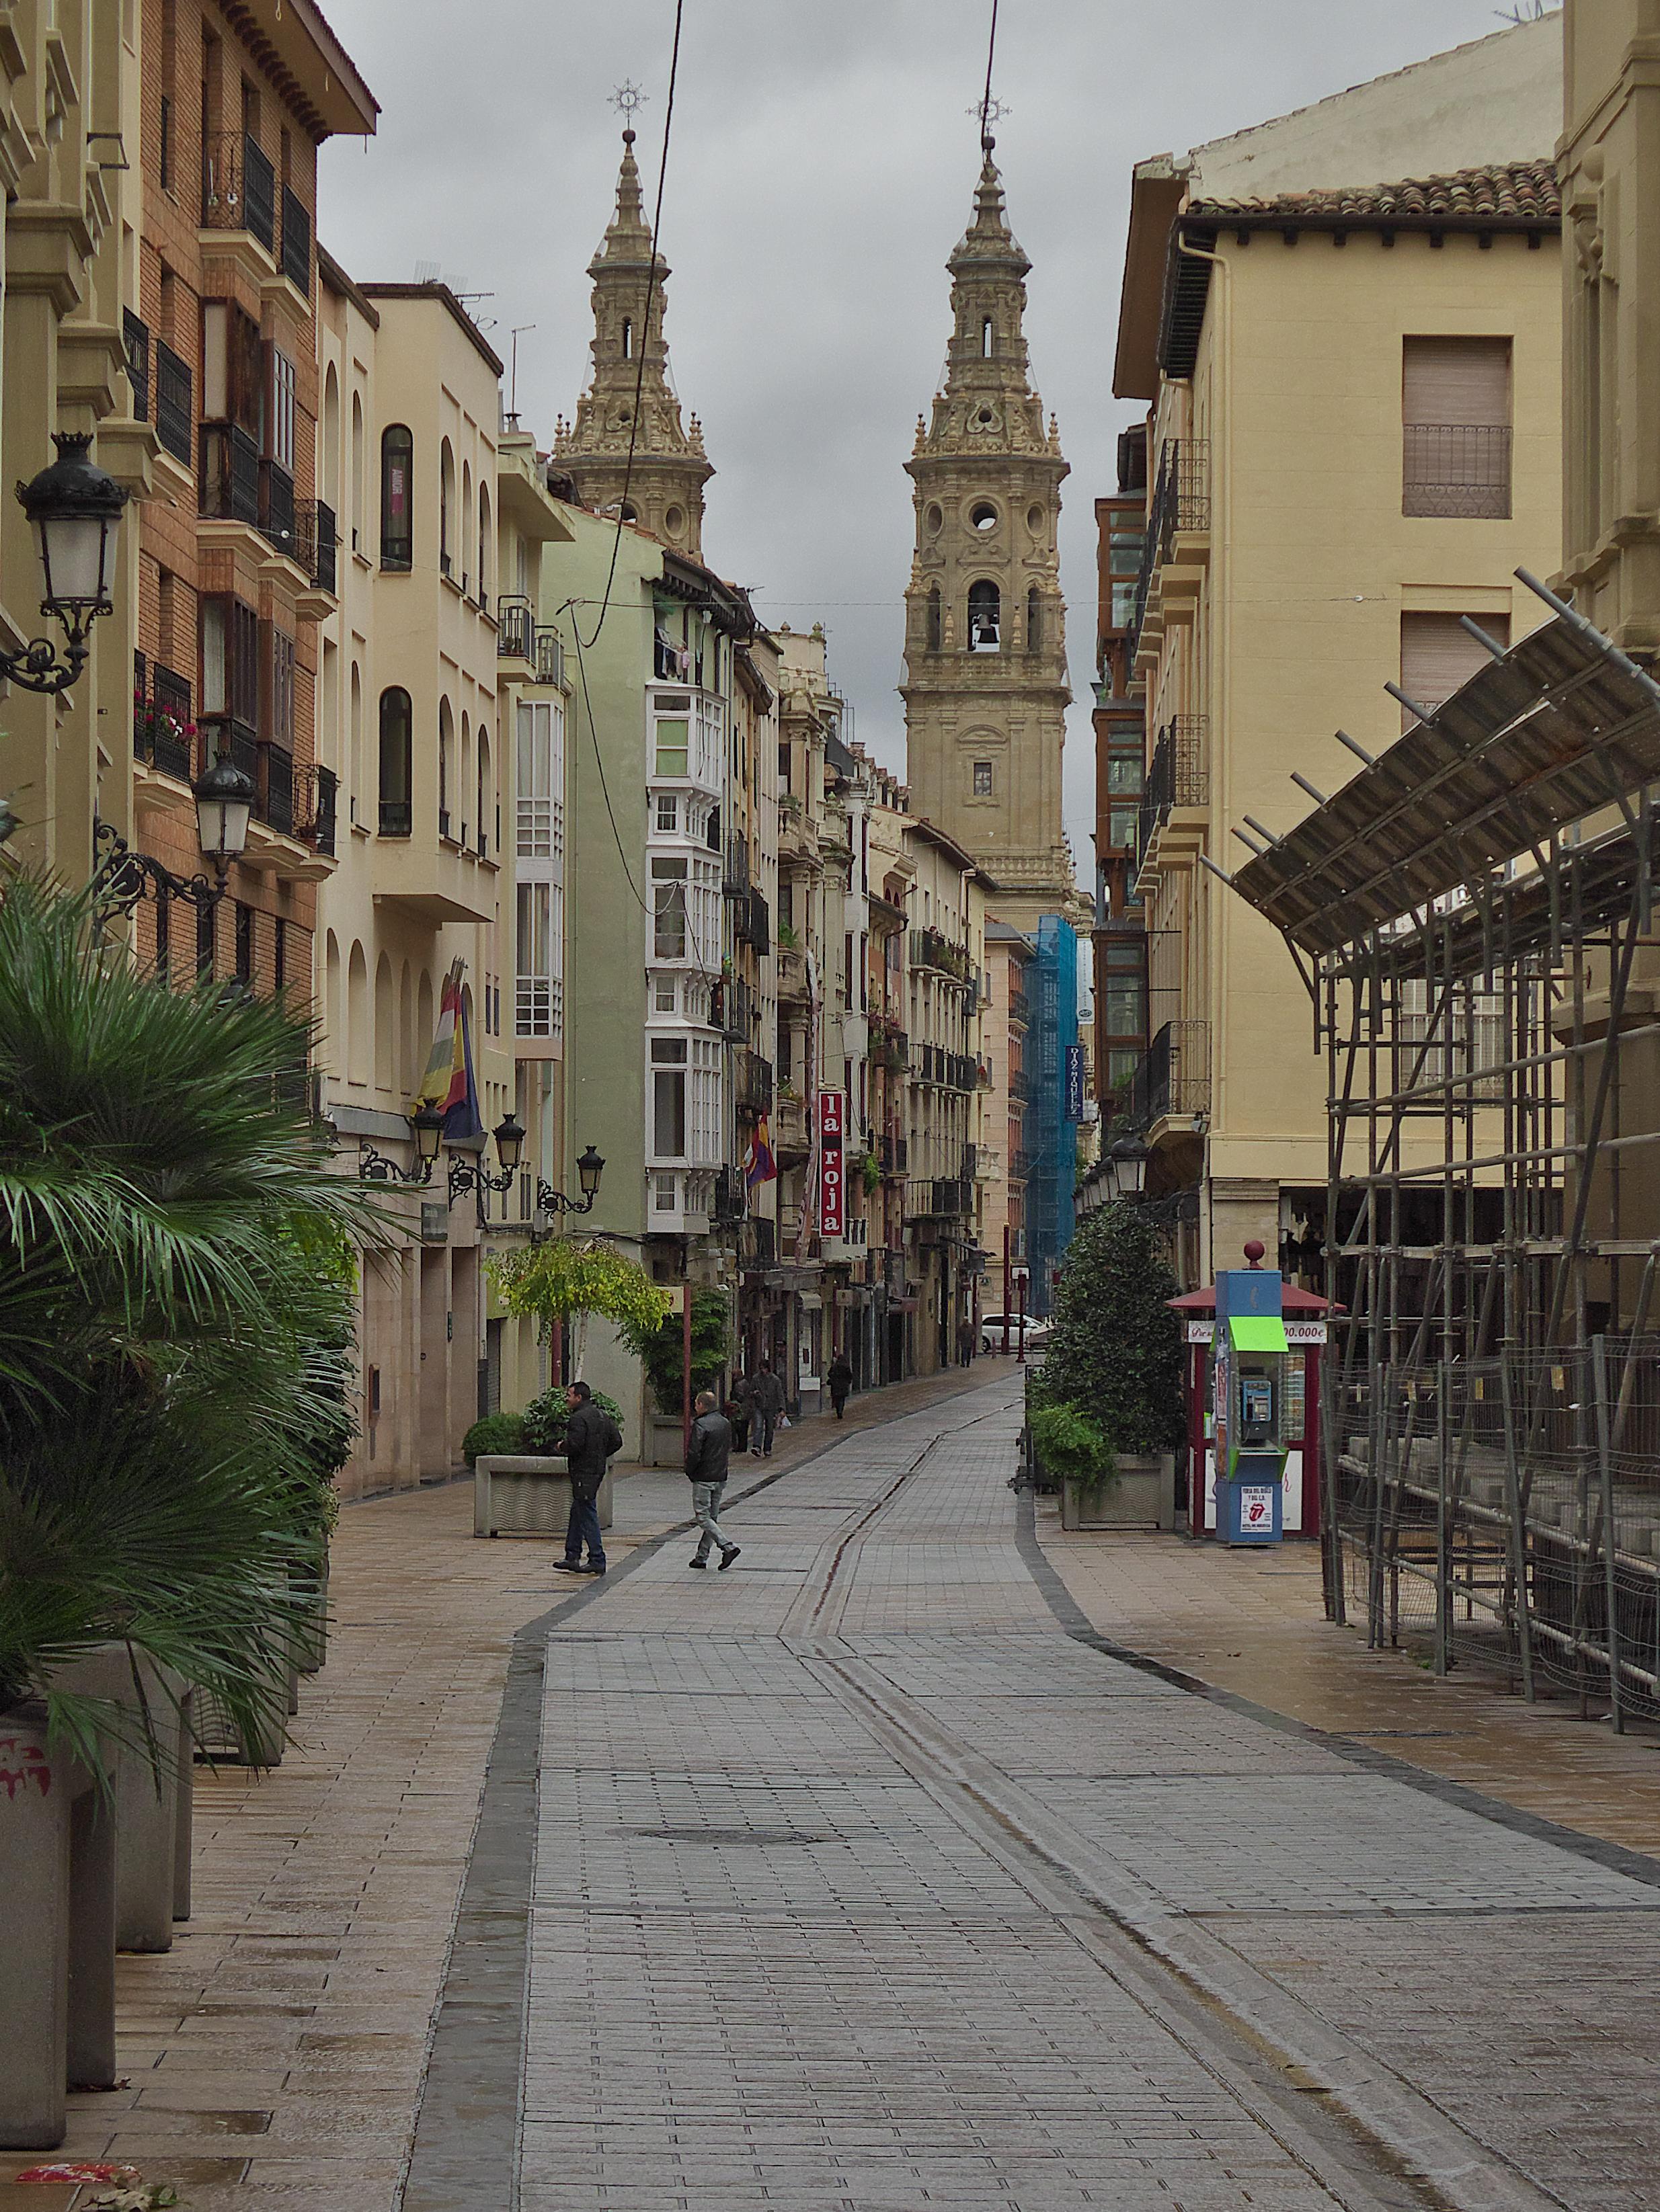 La gentrificaci n del casco antiguo en logro o la ciudad como espacio de consumo - Cristalerias en logrono ...